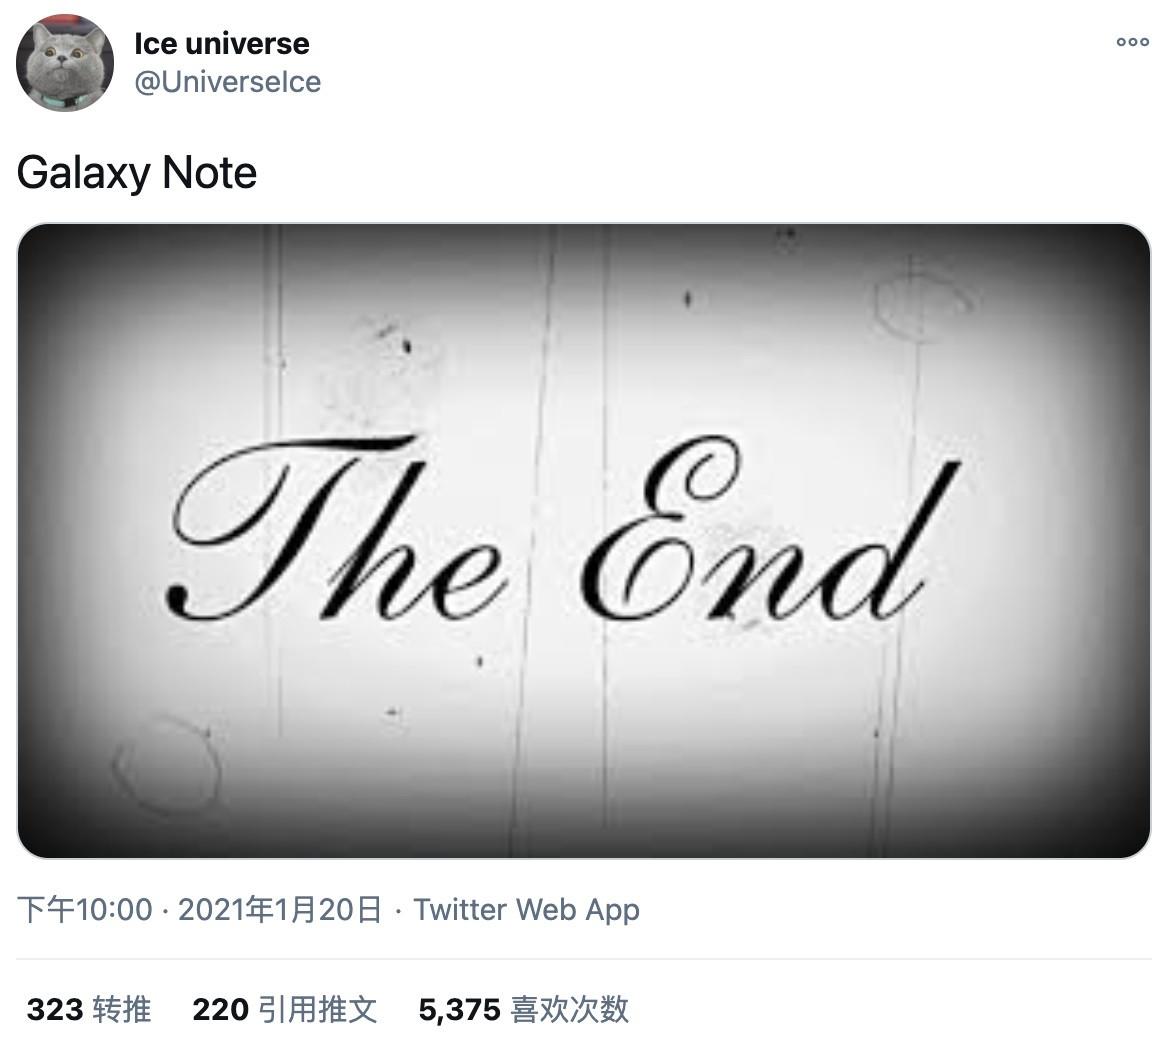 三星Note系列丢失了最重要的卖点?